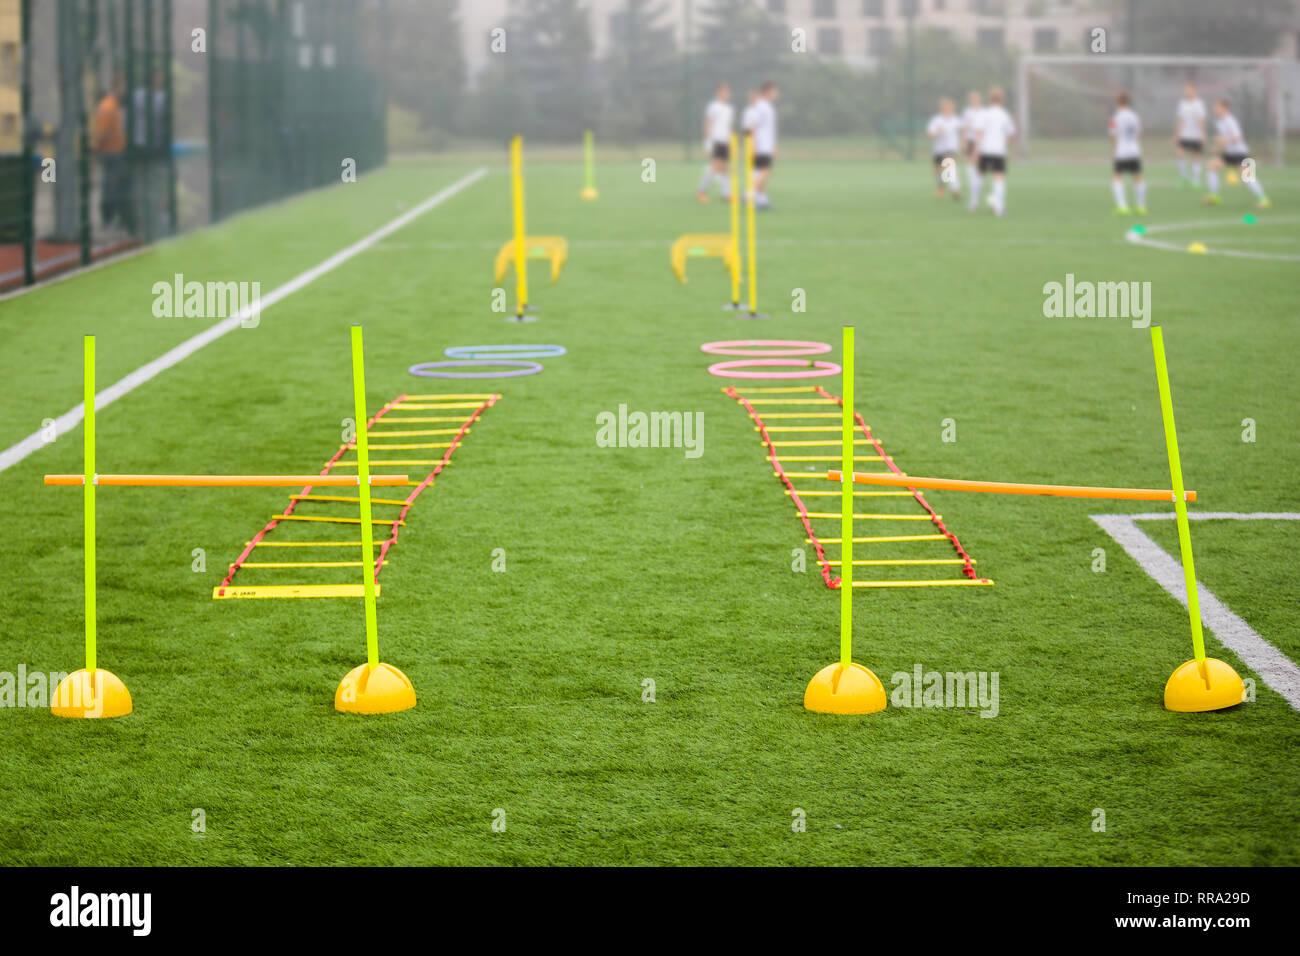 Fussball Feld Mit Trainingsgeraten Und Zaun Im Hintergrund